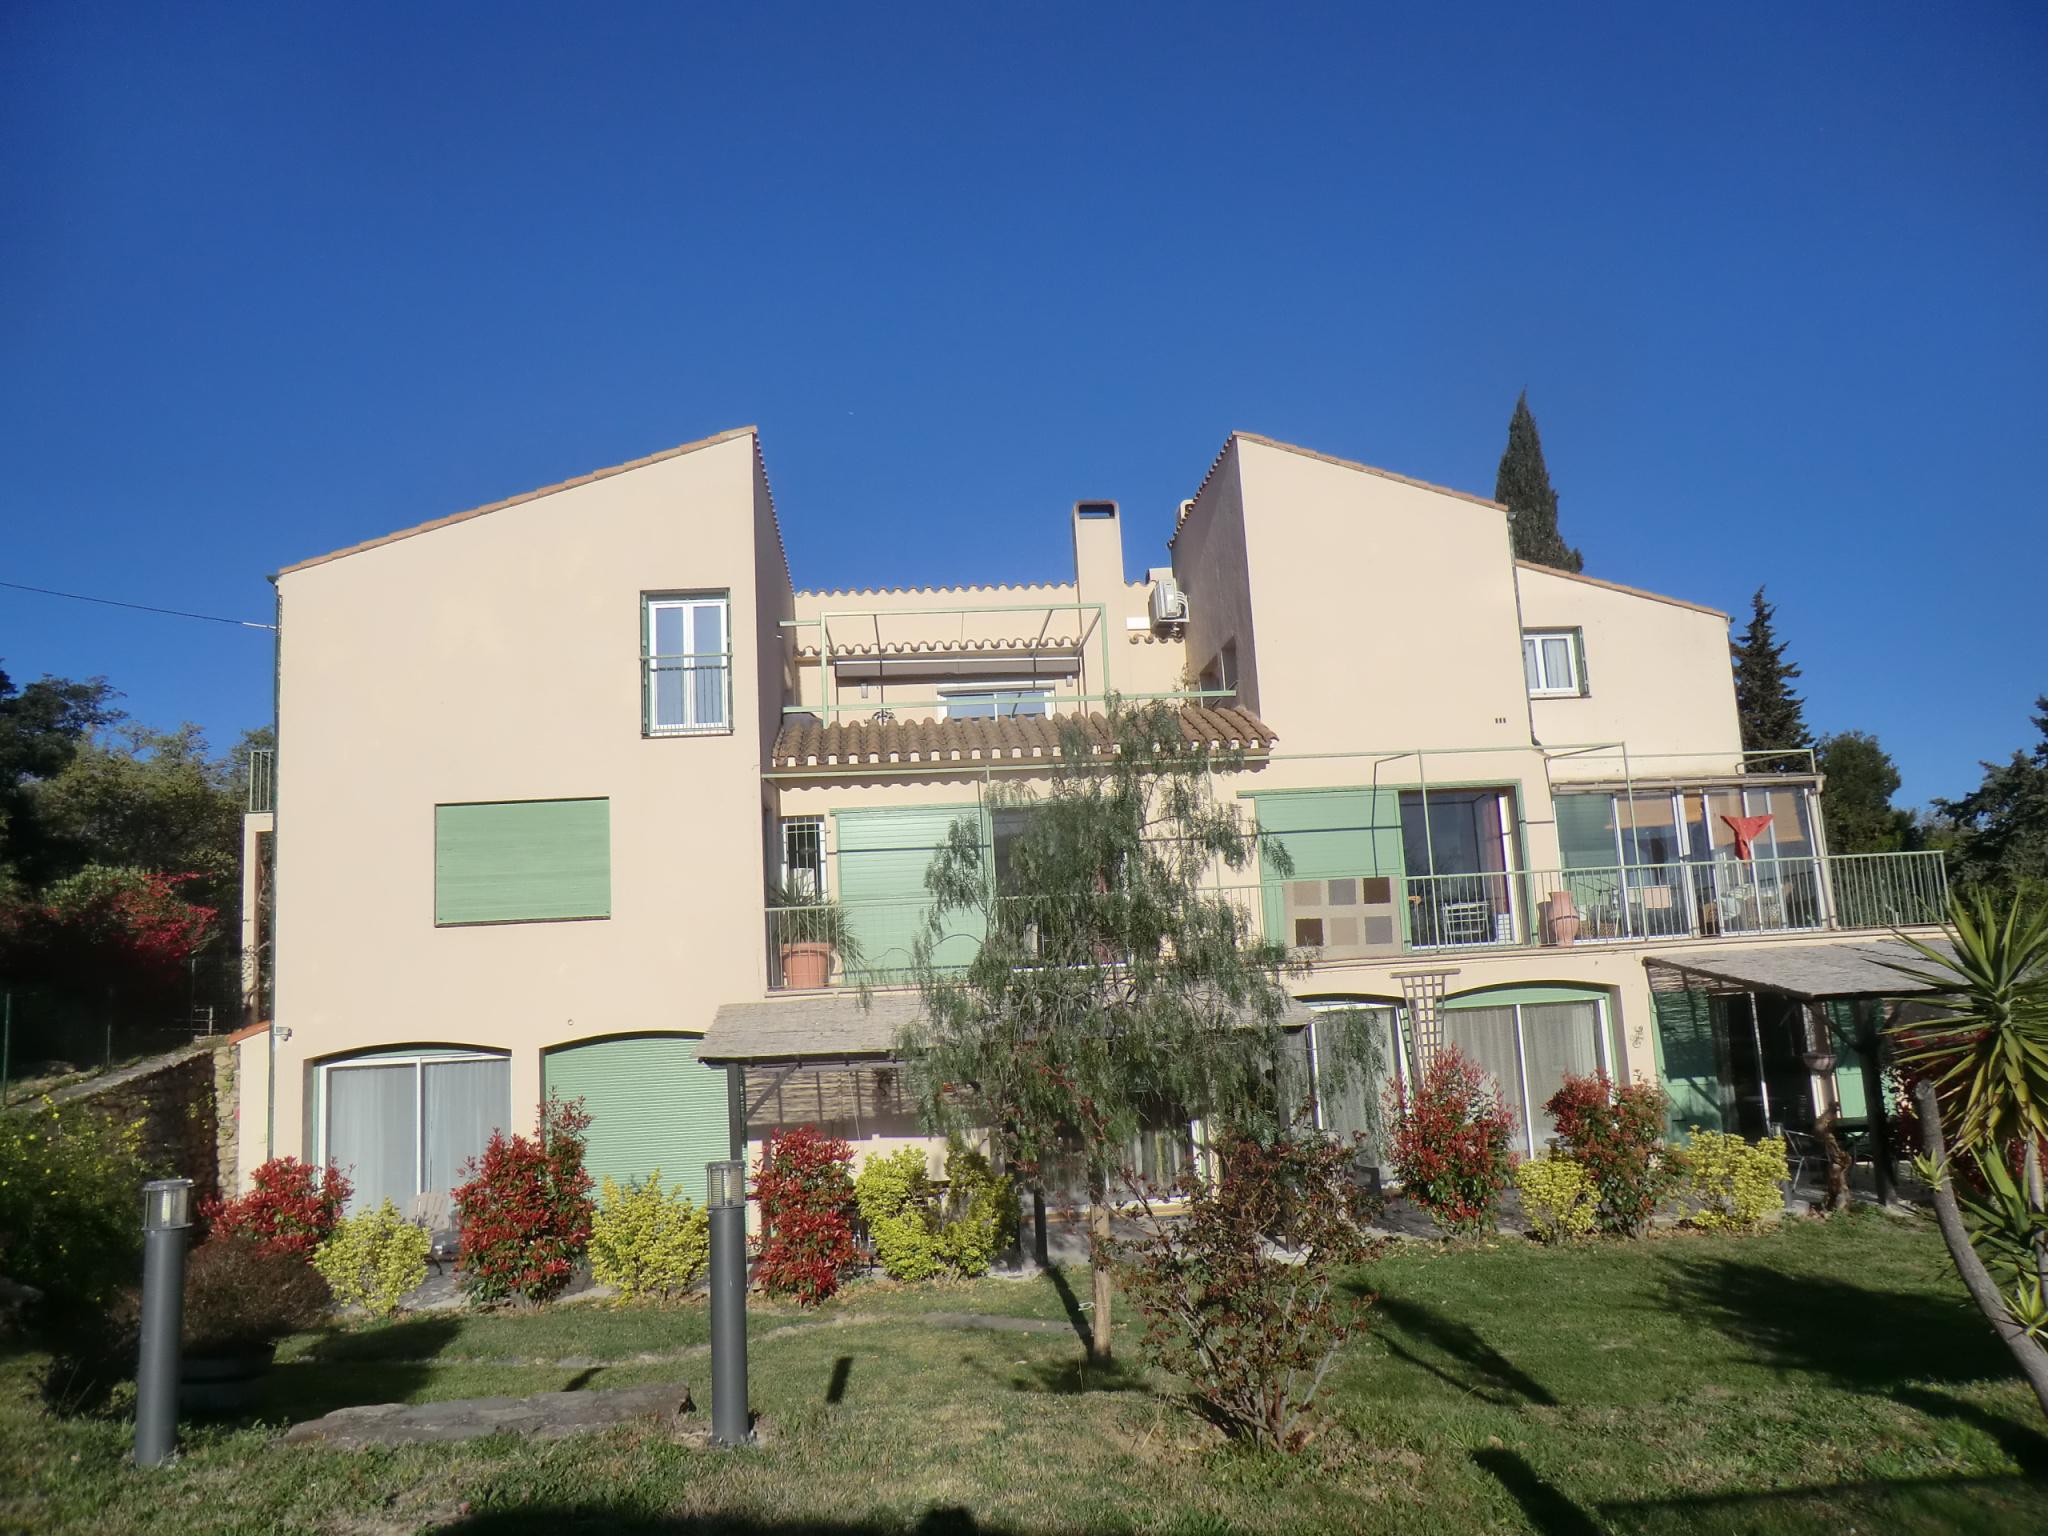 À vendre maison/villa de 500m2 à argeles sur mer (66700) - Photo 0'